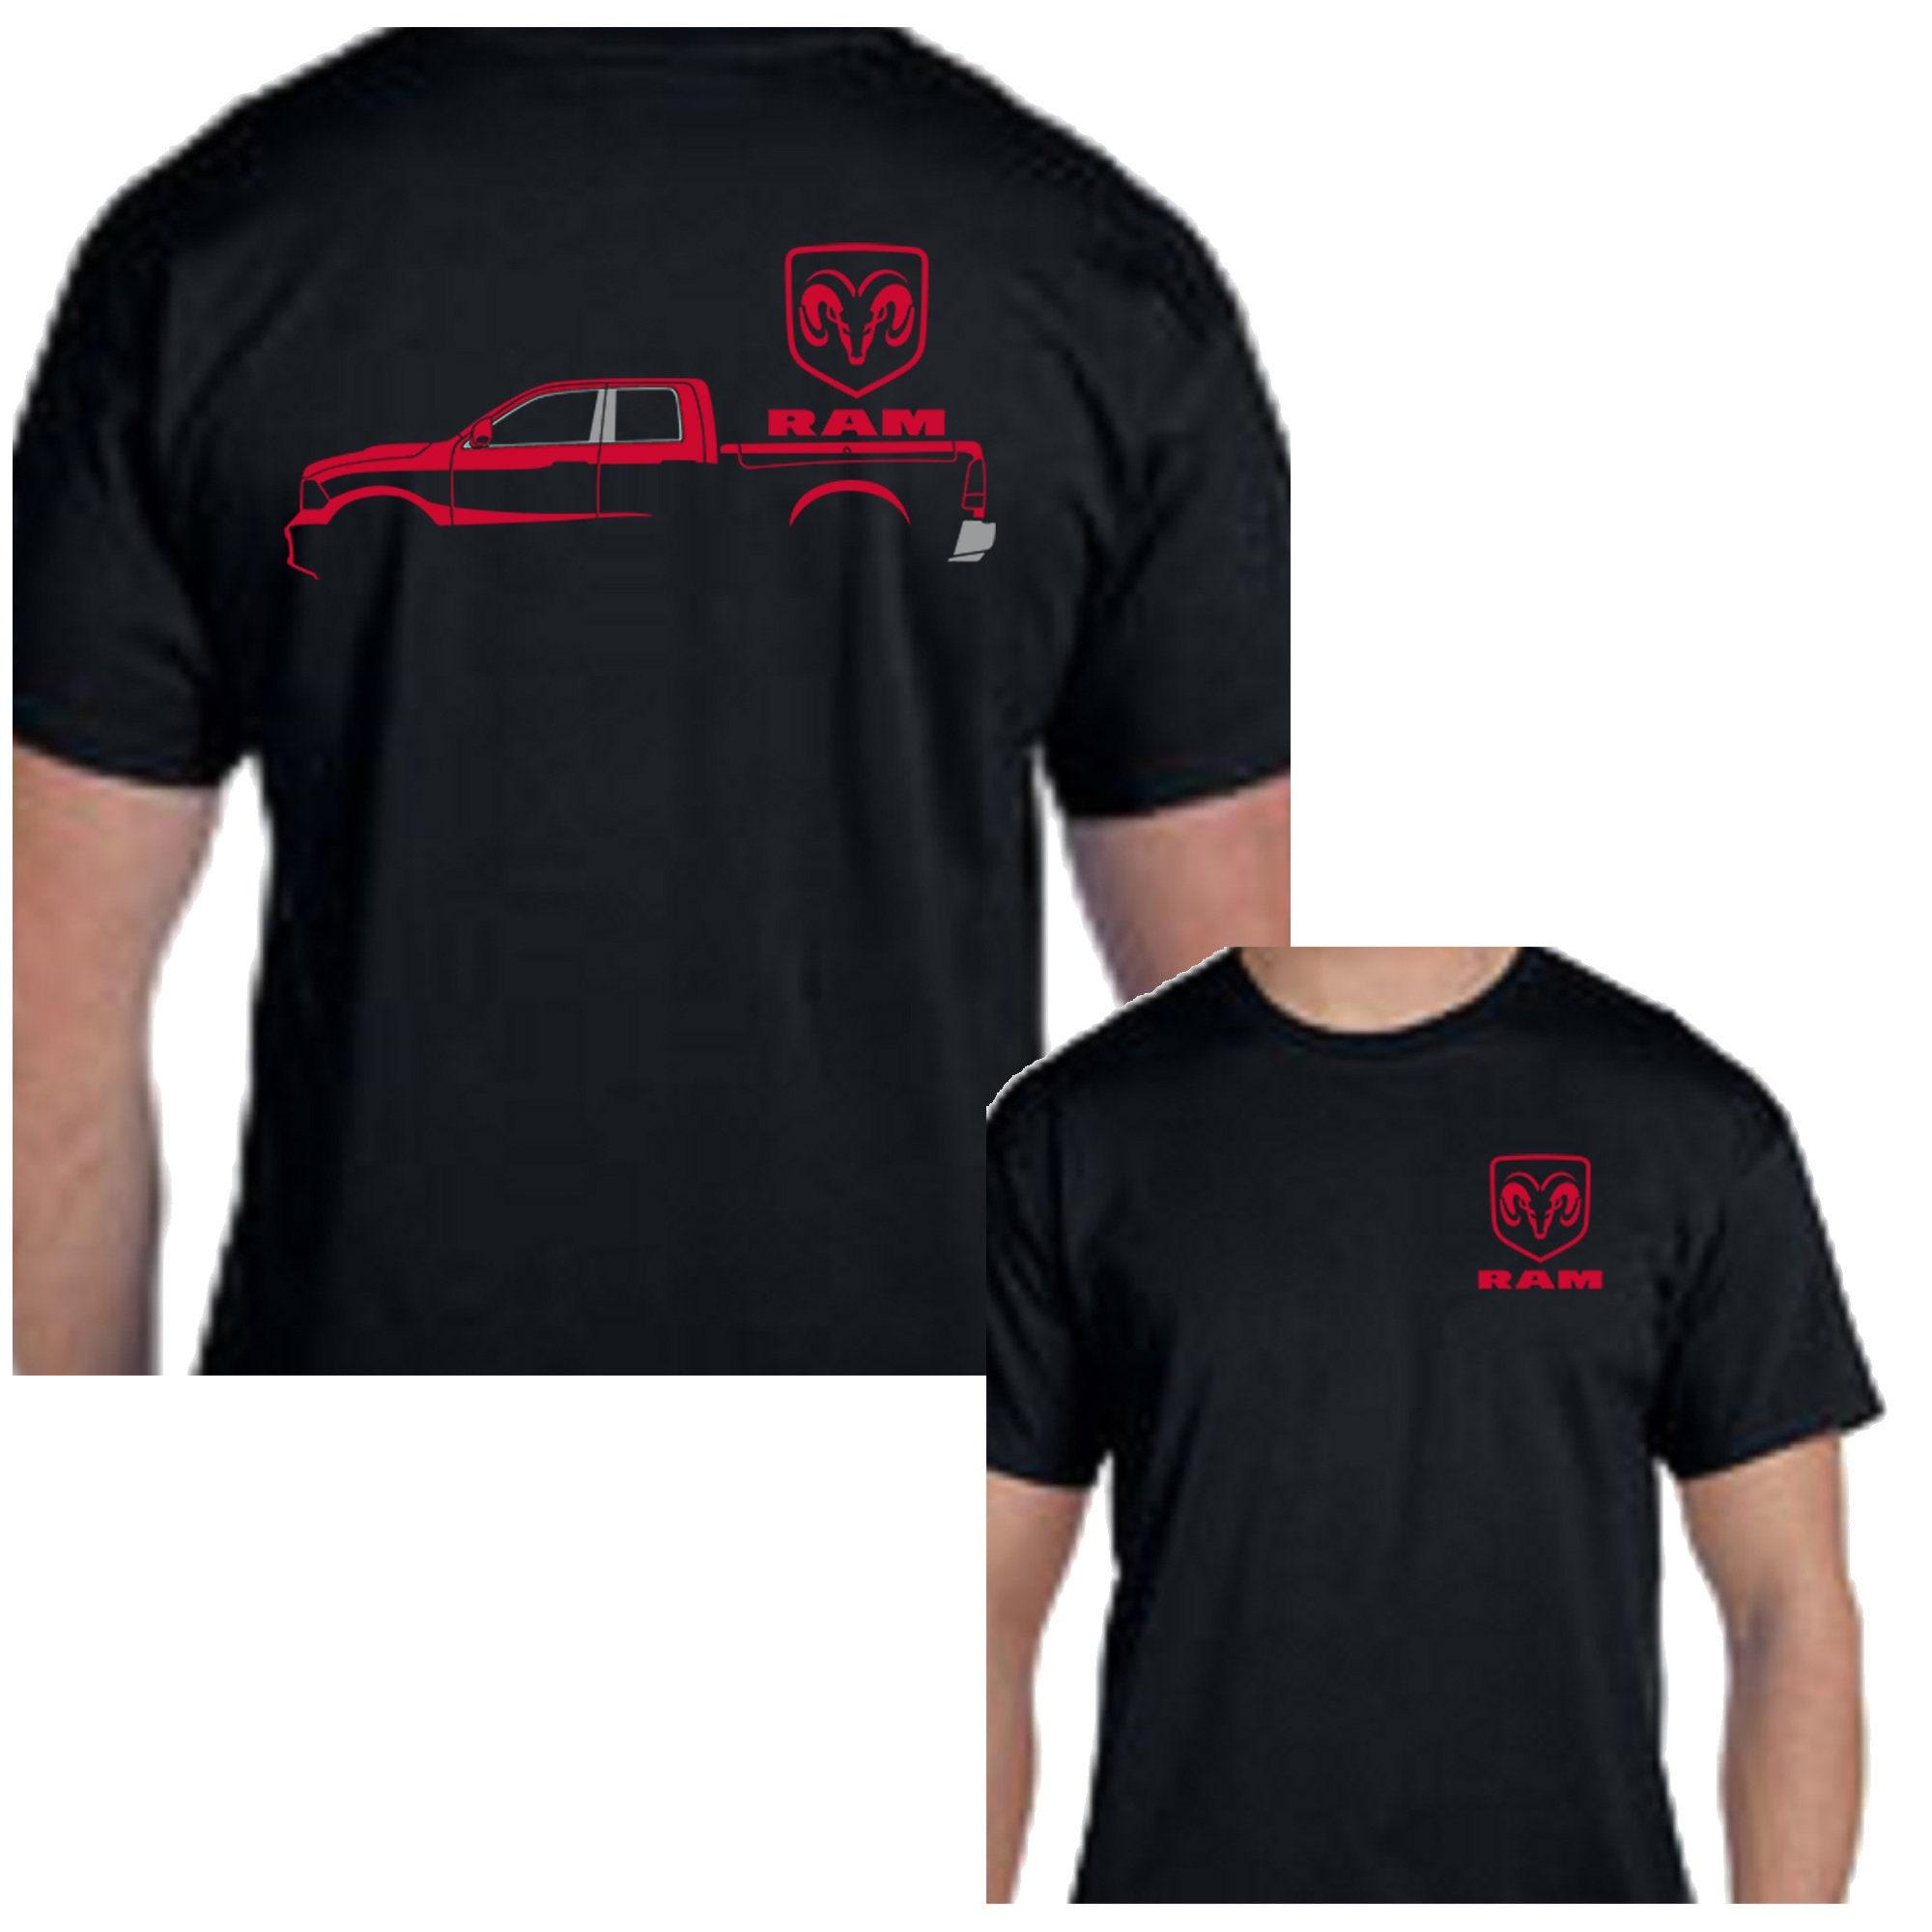 Dodge Ram Truck Silhouette Chrysler Mopar Tee Shirt New Gift Etsy